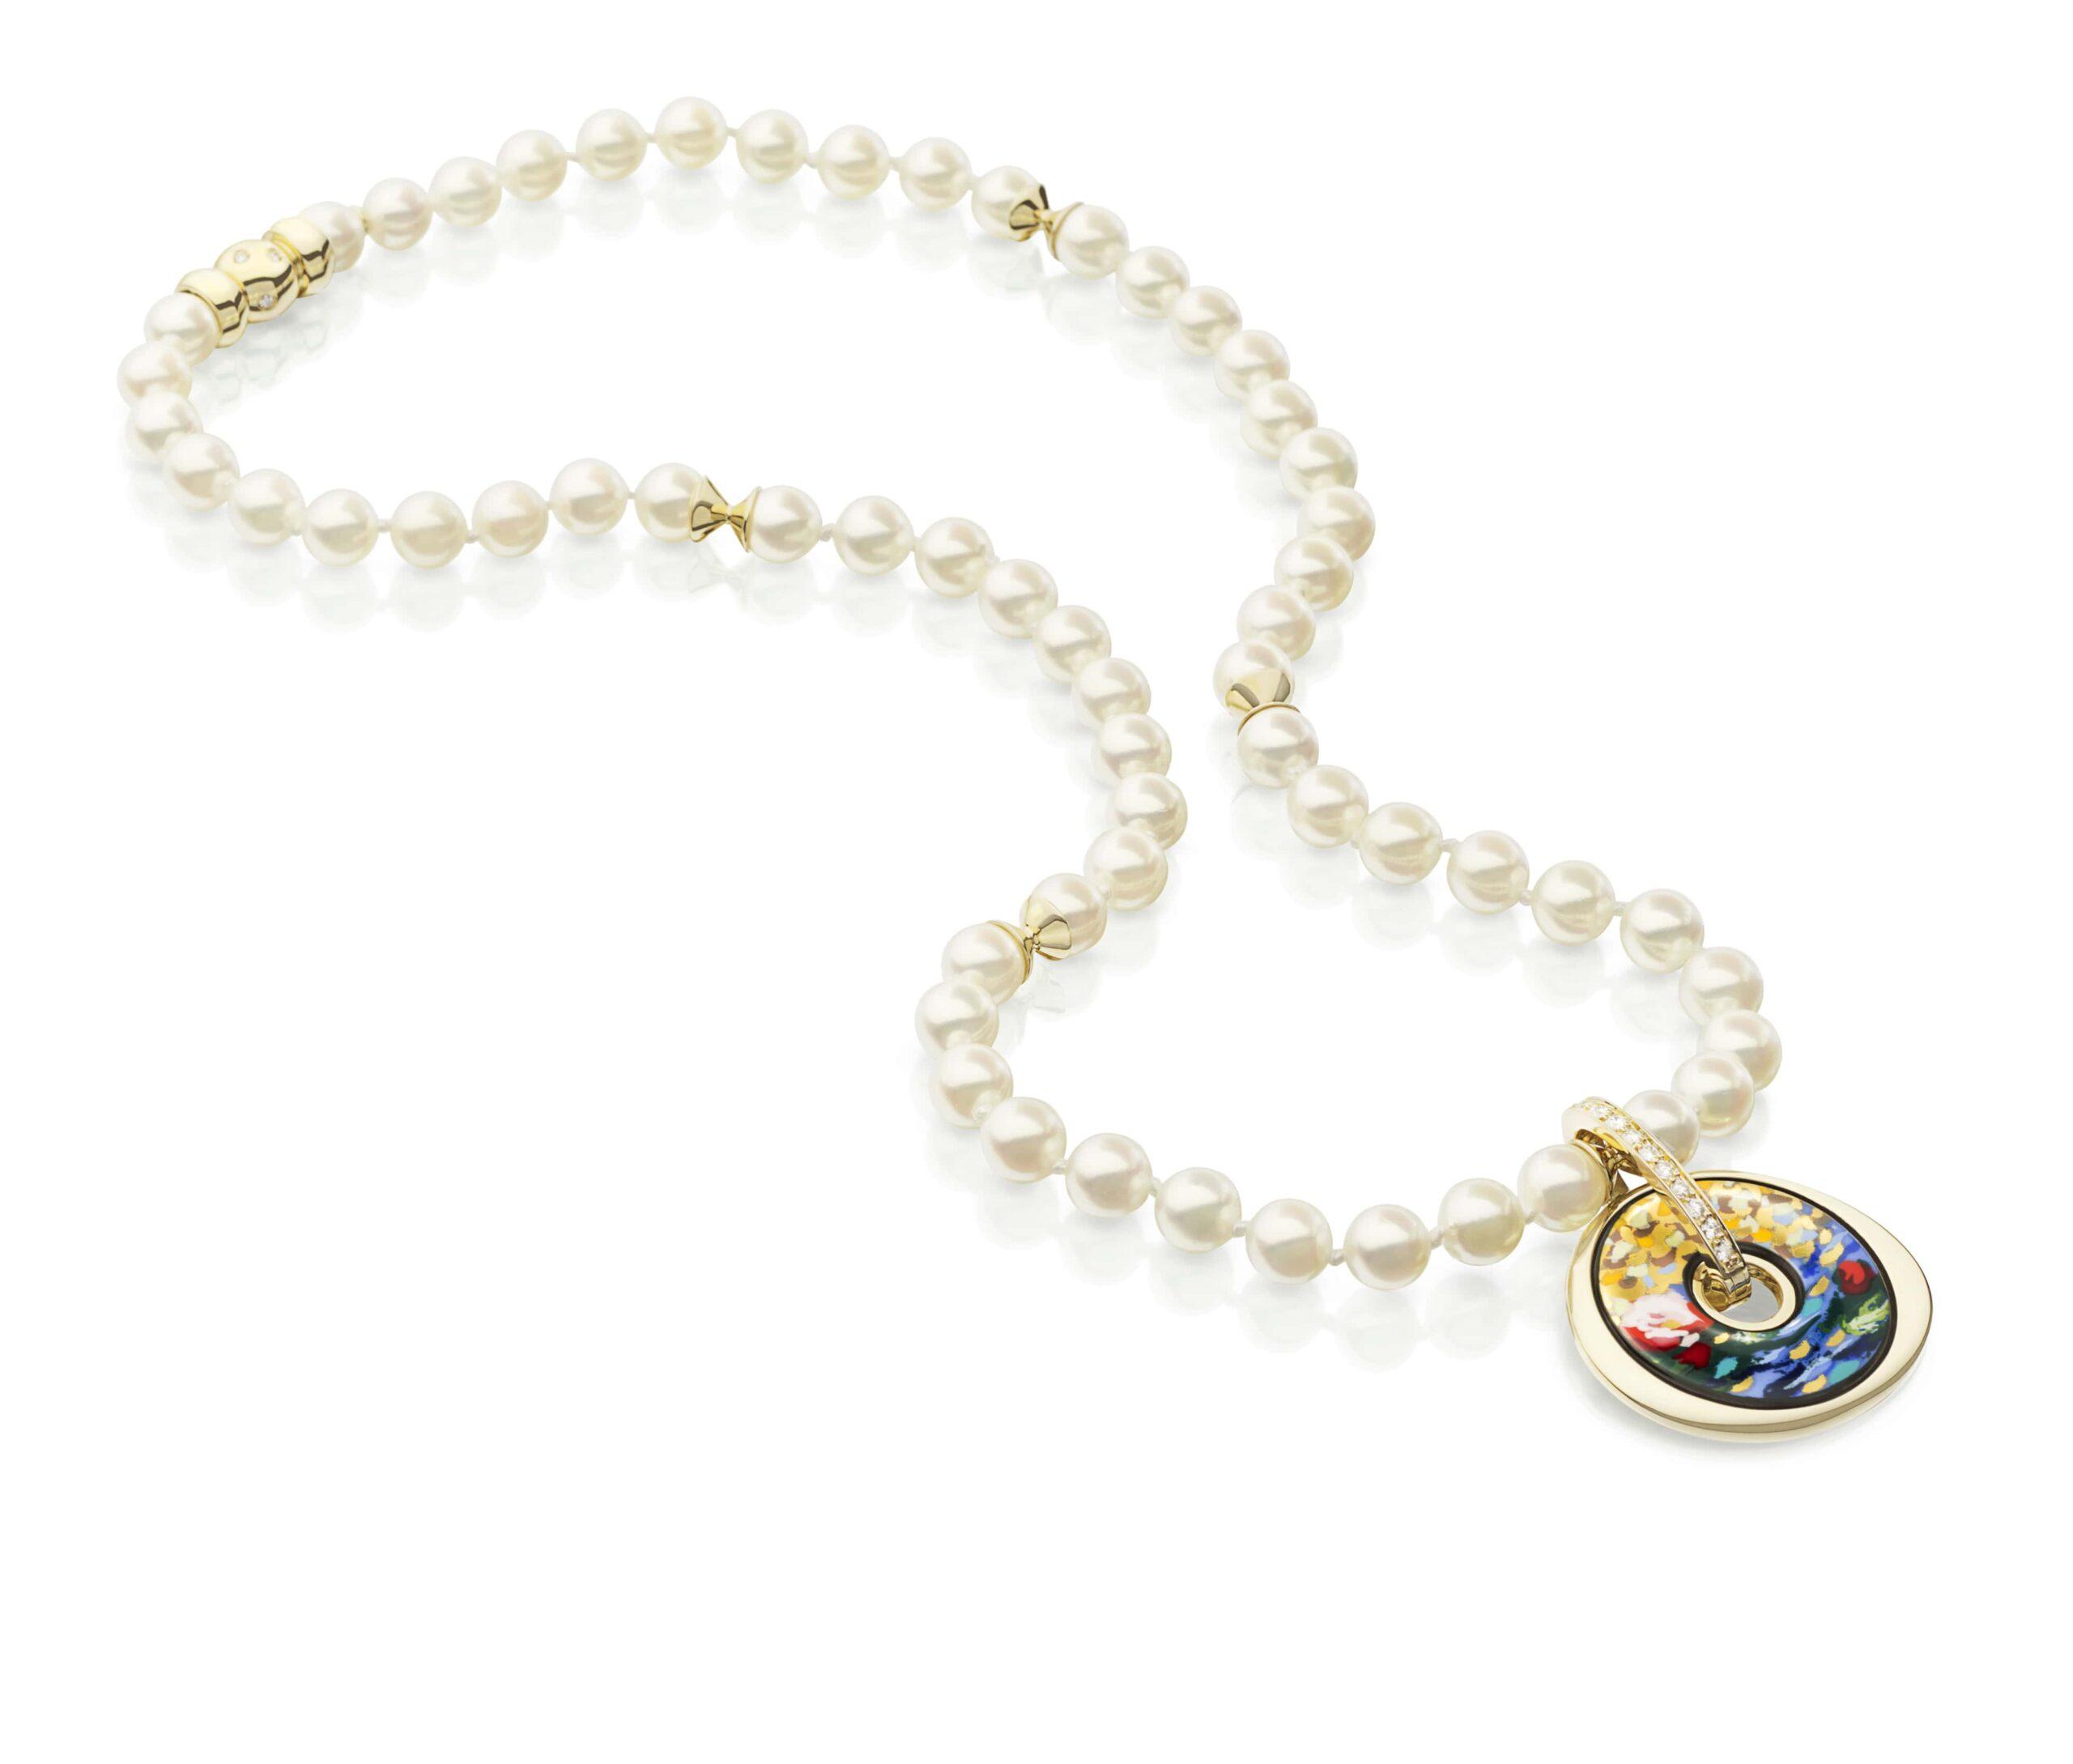 18ktgolddiamonds privjesak Luna Piccolissima biserna ogrlica 2 min